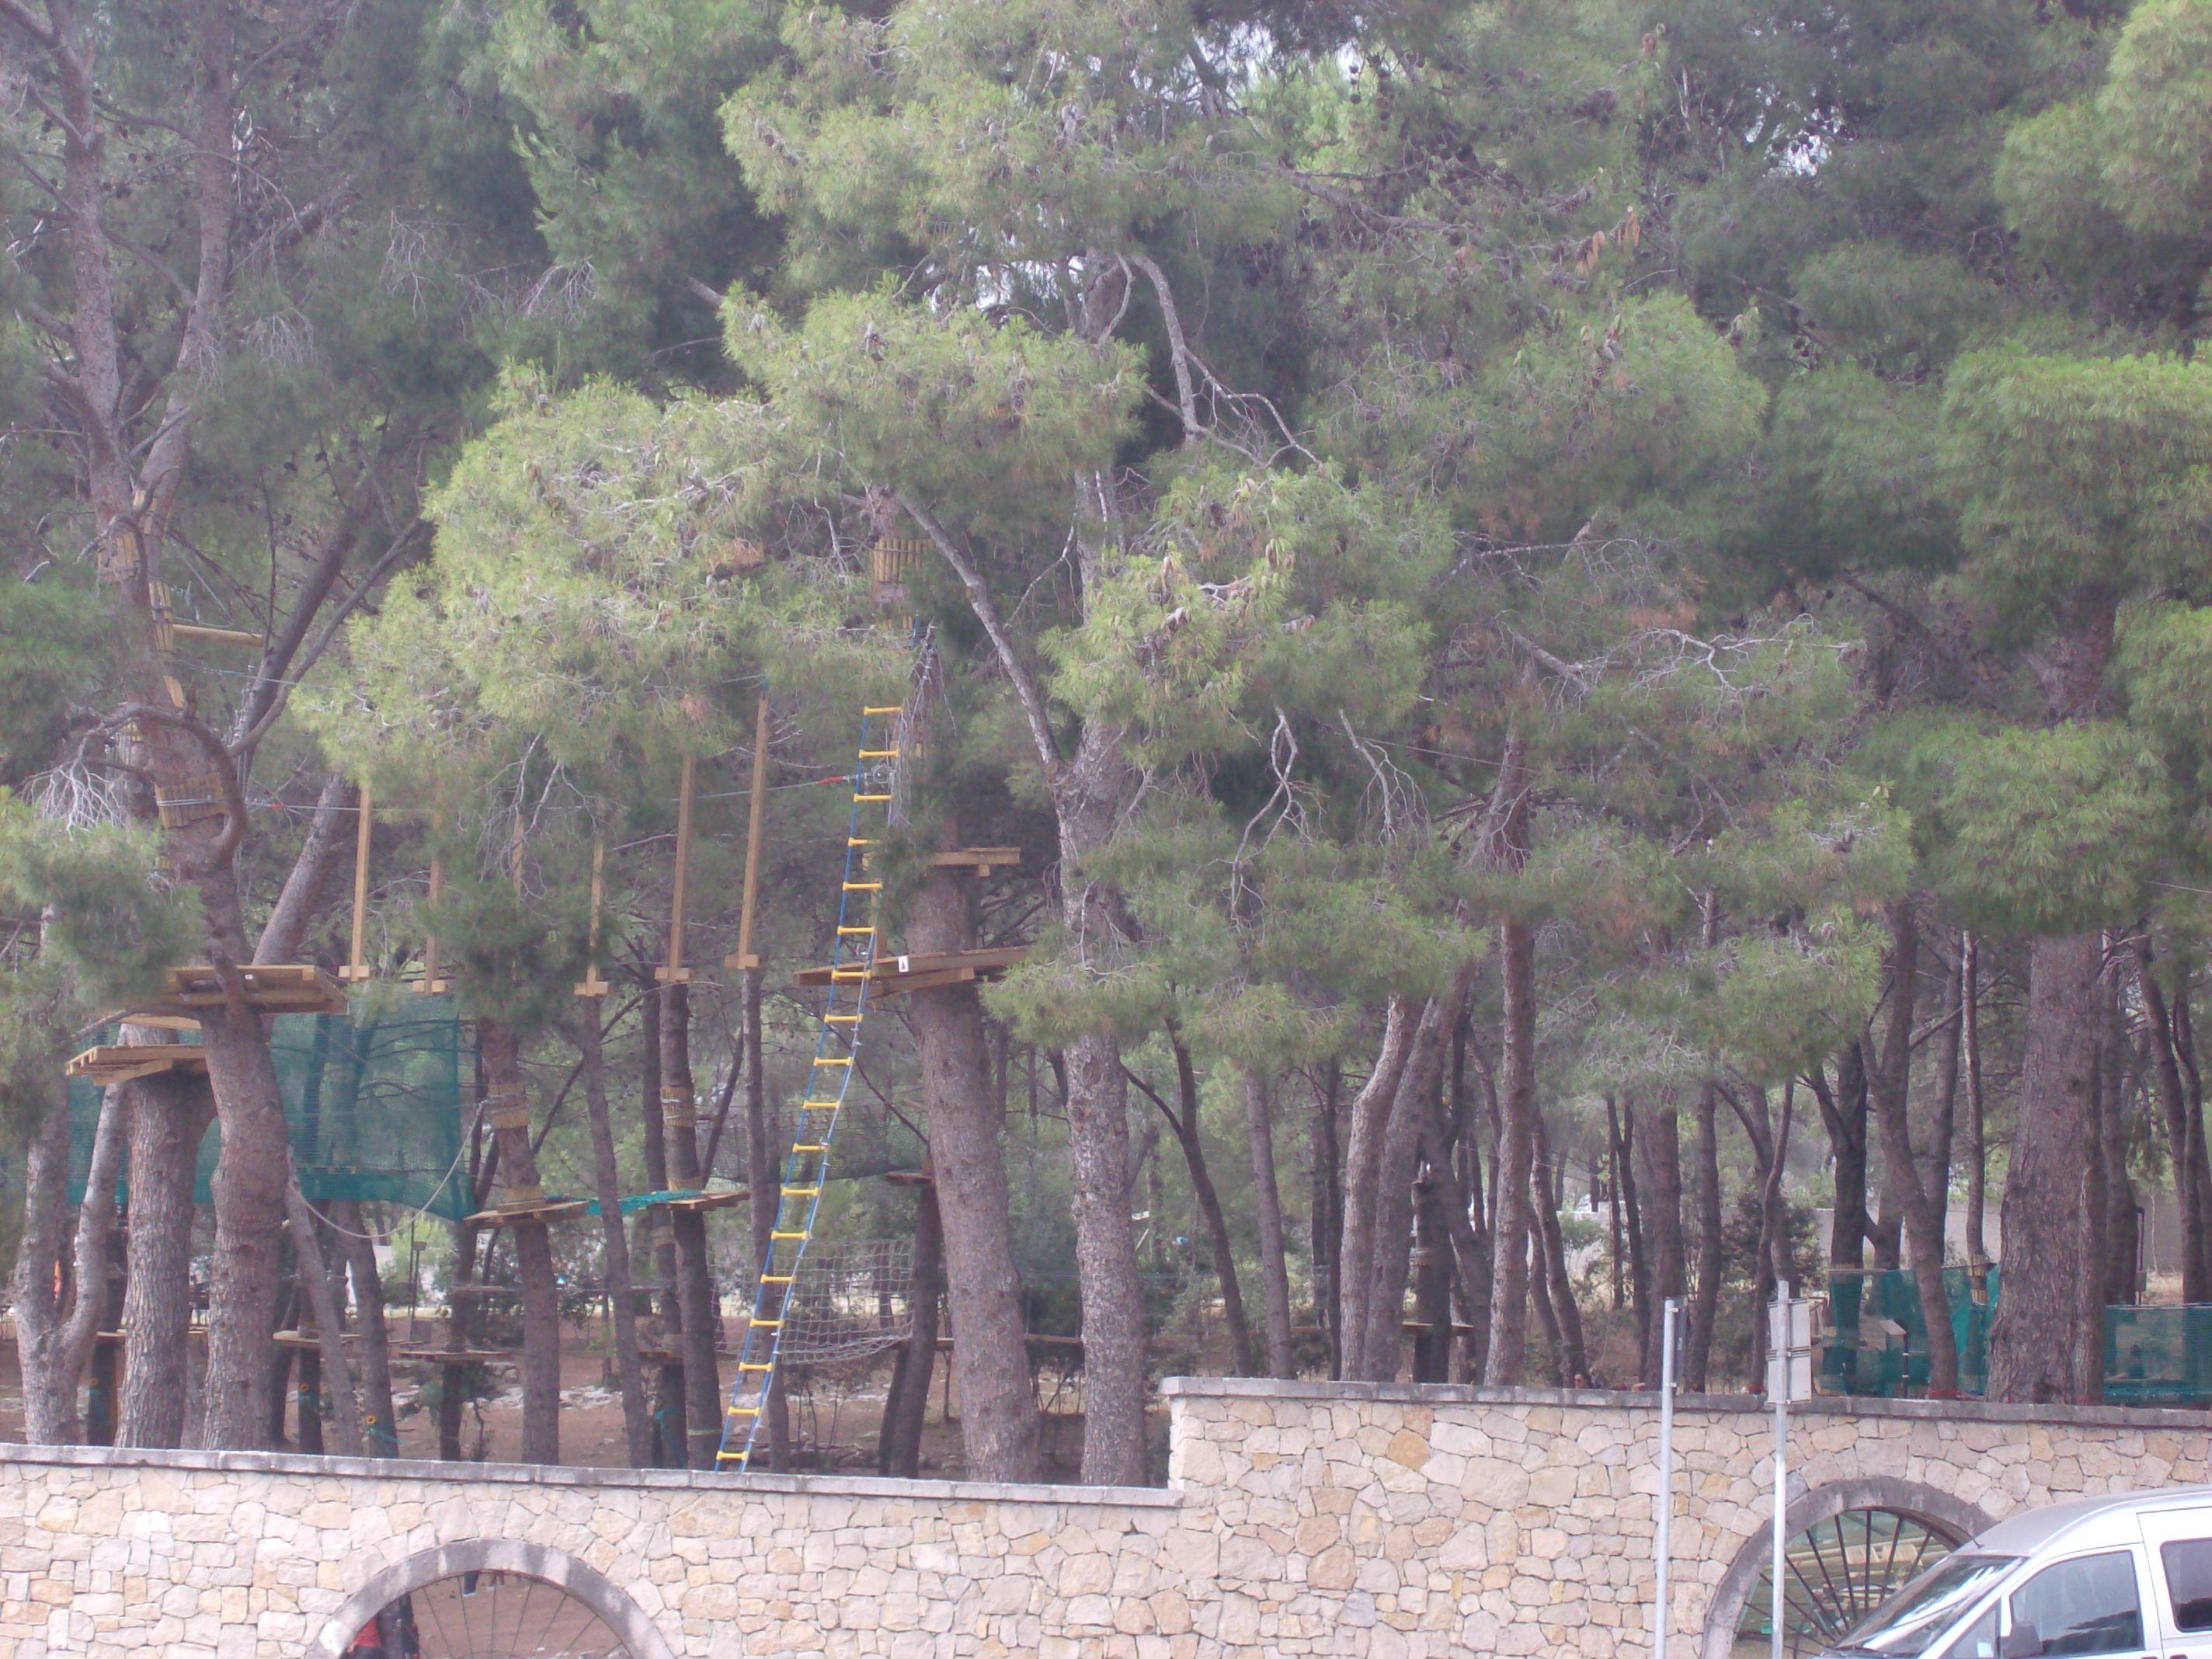 Parco Avventura di Baddimanna